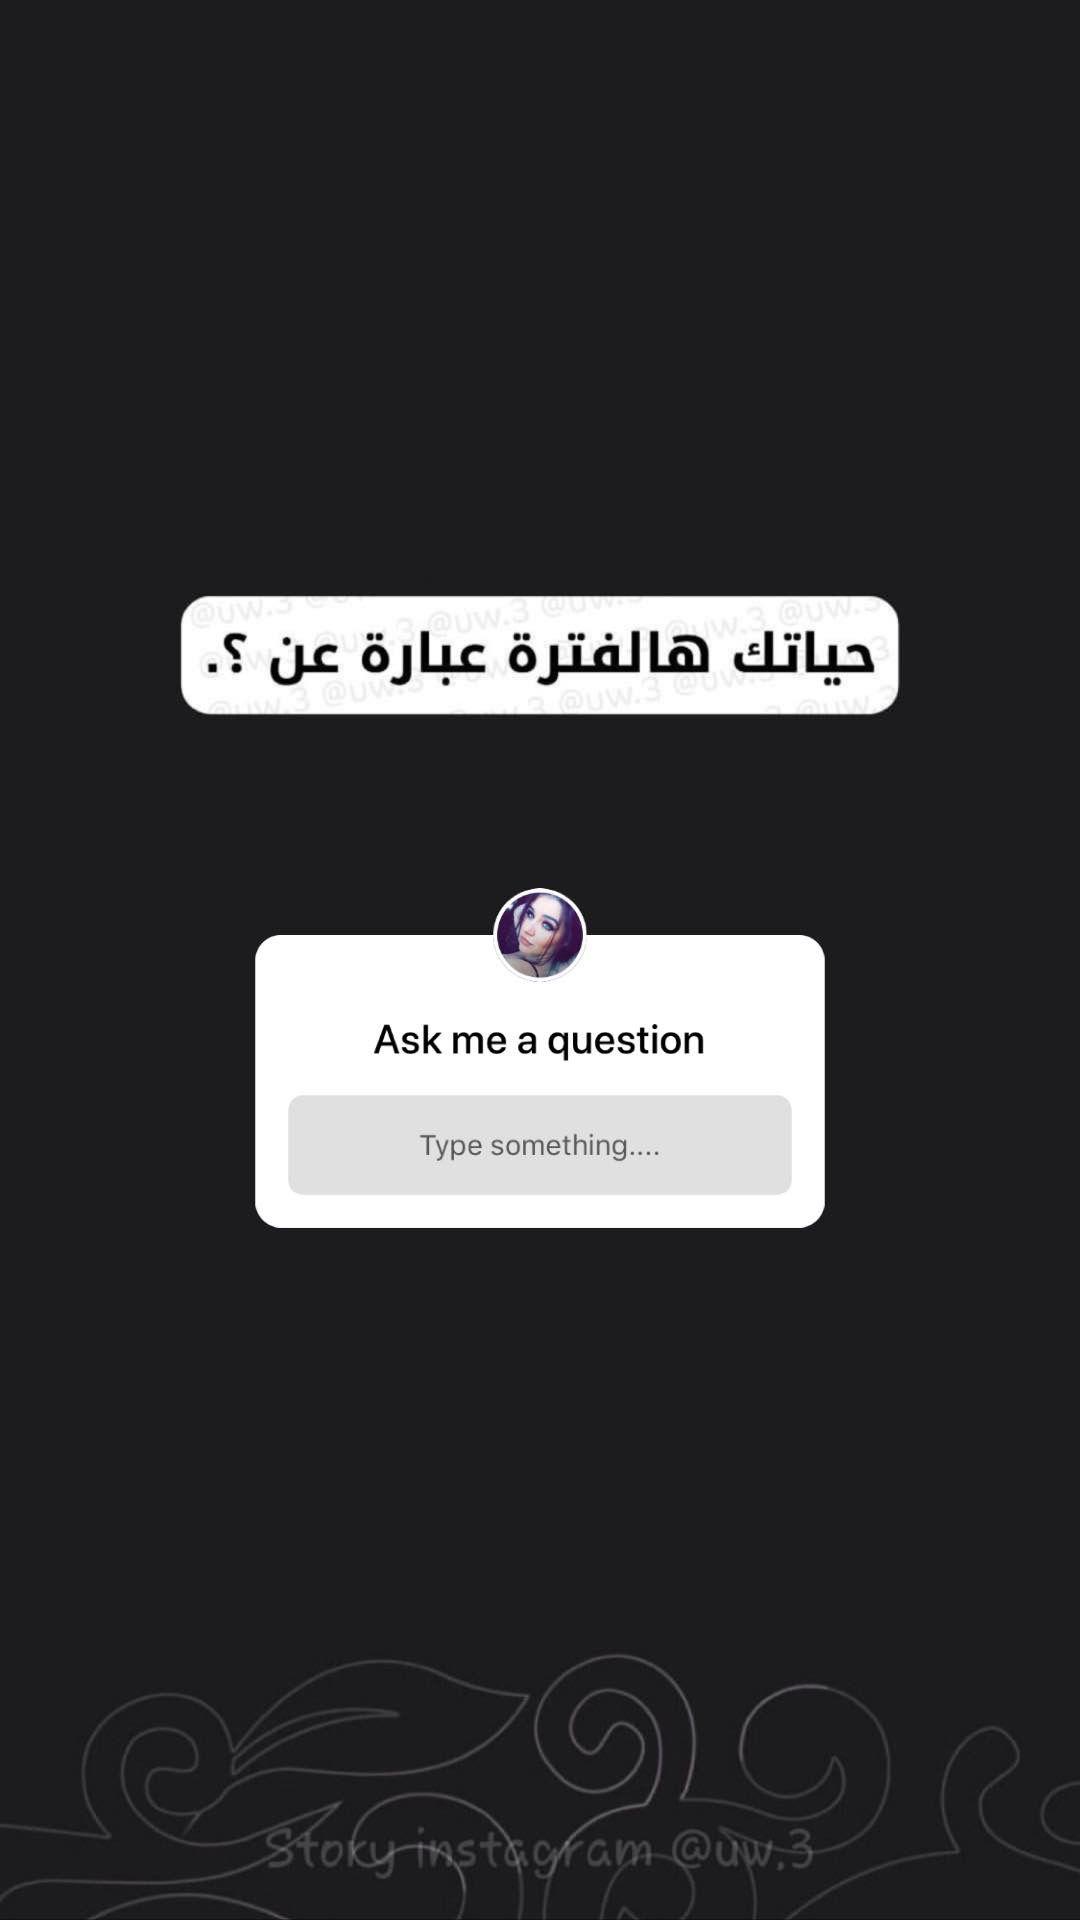 فعاليات ستوري Instagram Quotes Mood Off Quotes Love Quotes Wallpaper